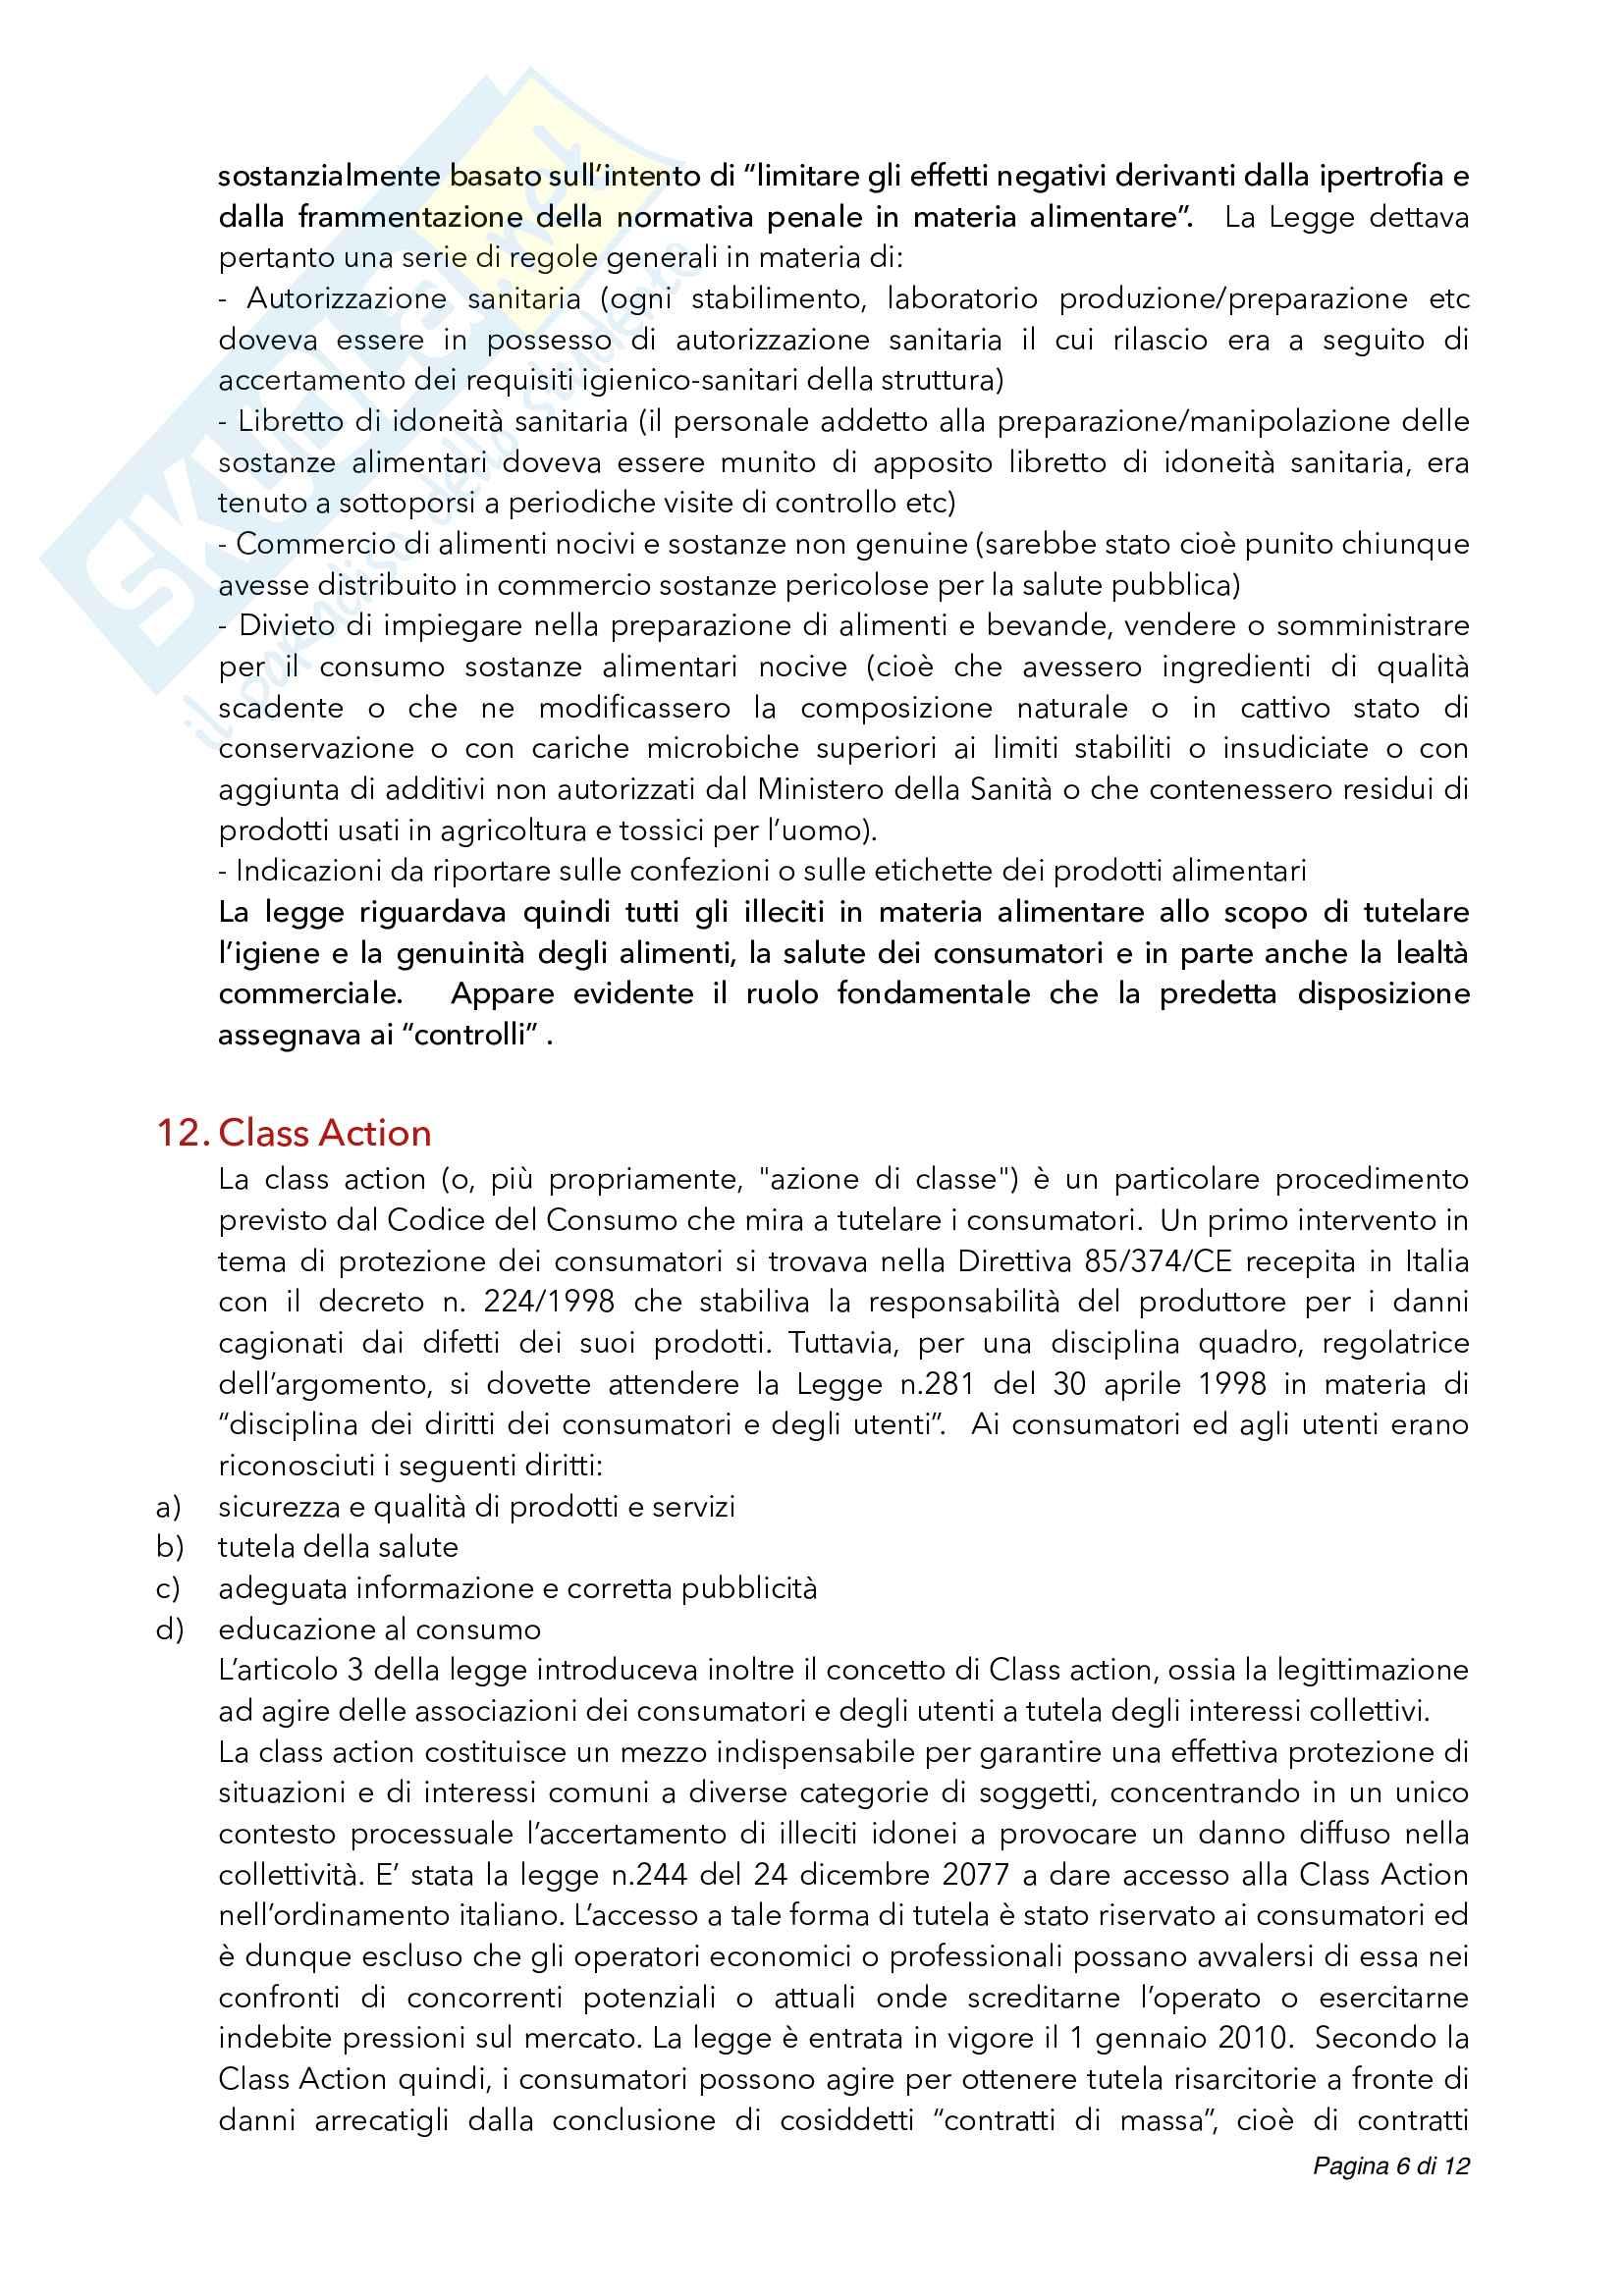 Domande (e risposte) che vengono fatte all'esame di legislazione alimentare Pag. 6